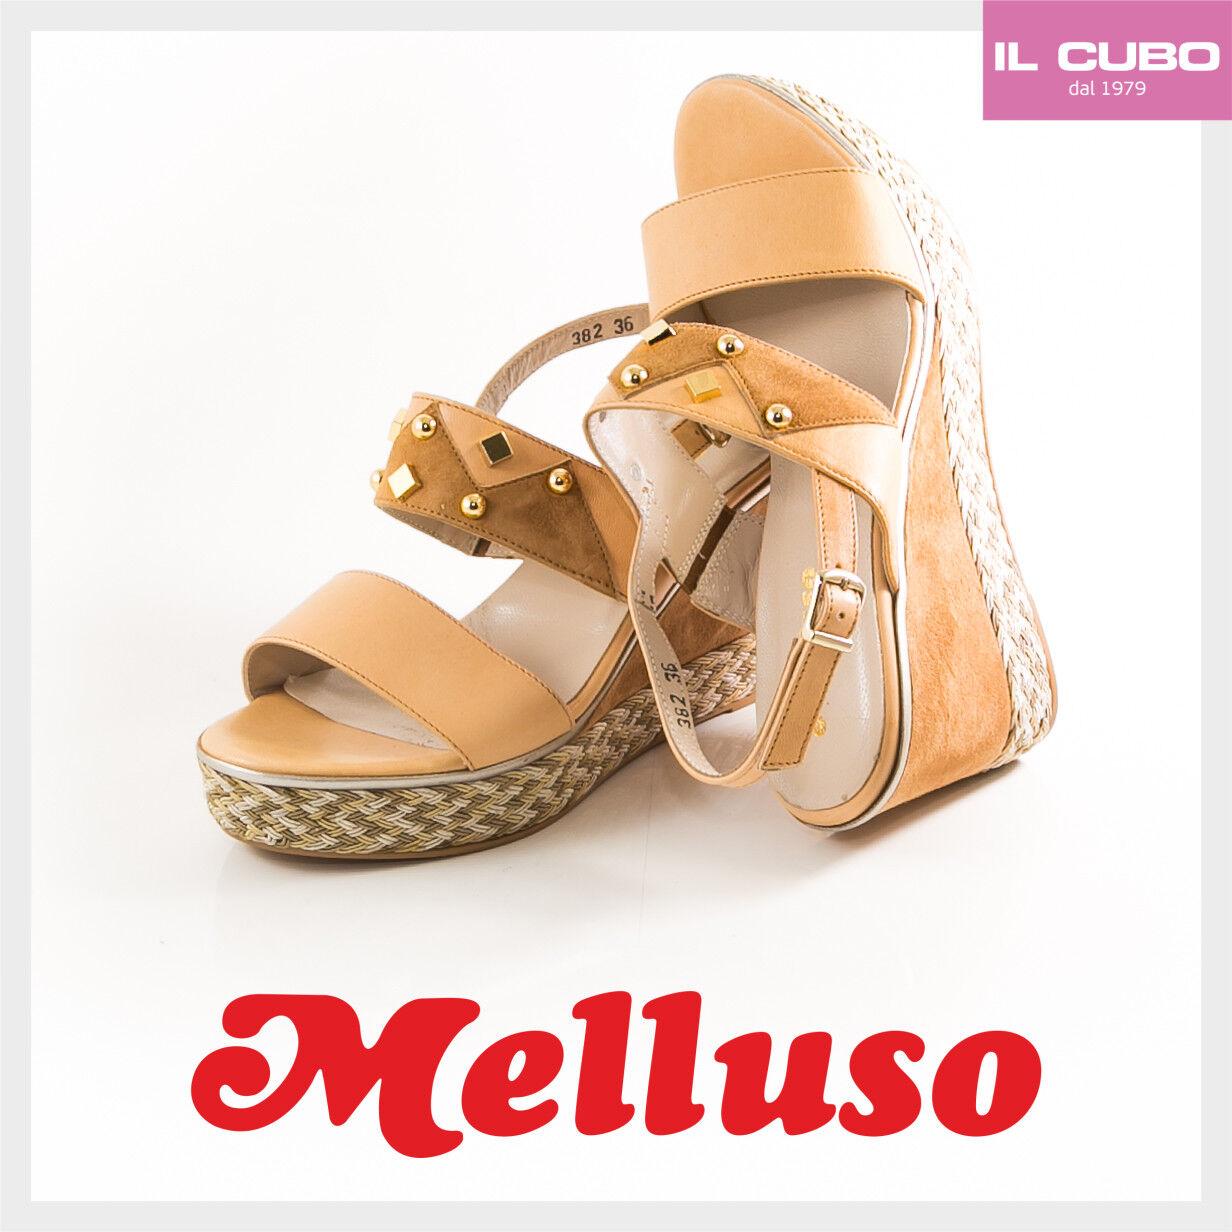 MELLUSO SANDALO SCARPA Damens COGNAC PELLE COLORE COGNAC Damens  ZEPPA H 8 CM NEW Schuhe 5b8d55